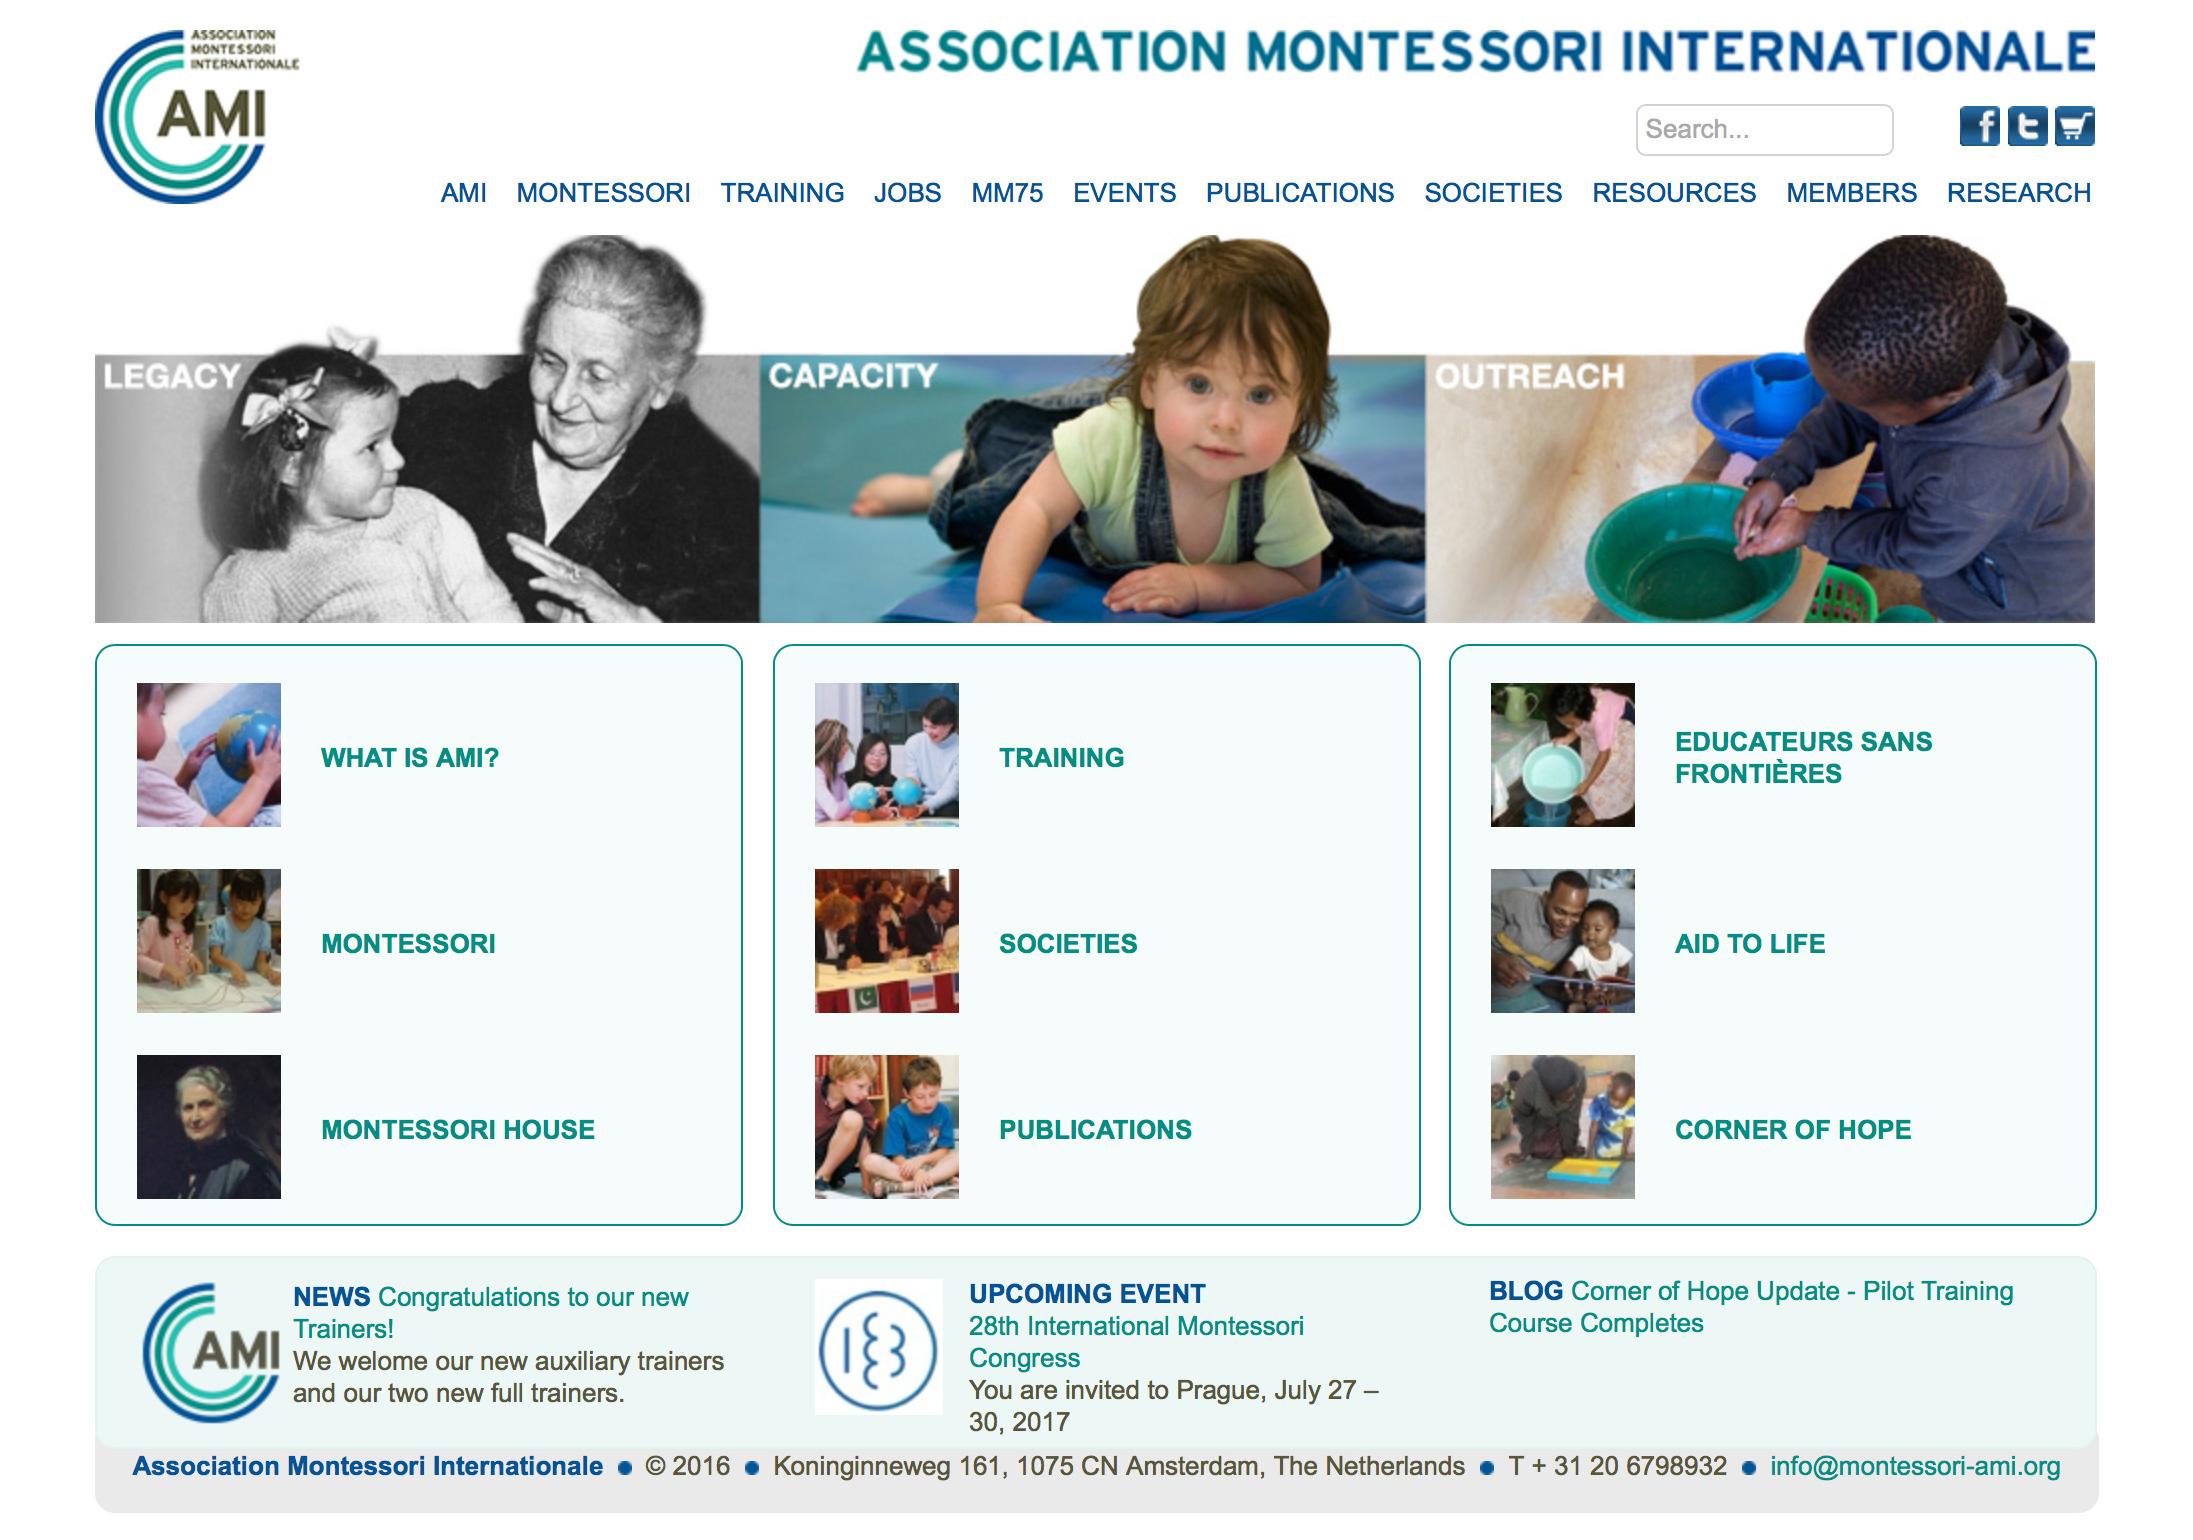 国際モンテッソーリ協会(AMI)のホームページ